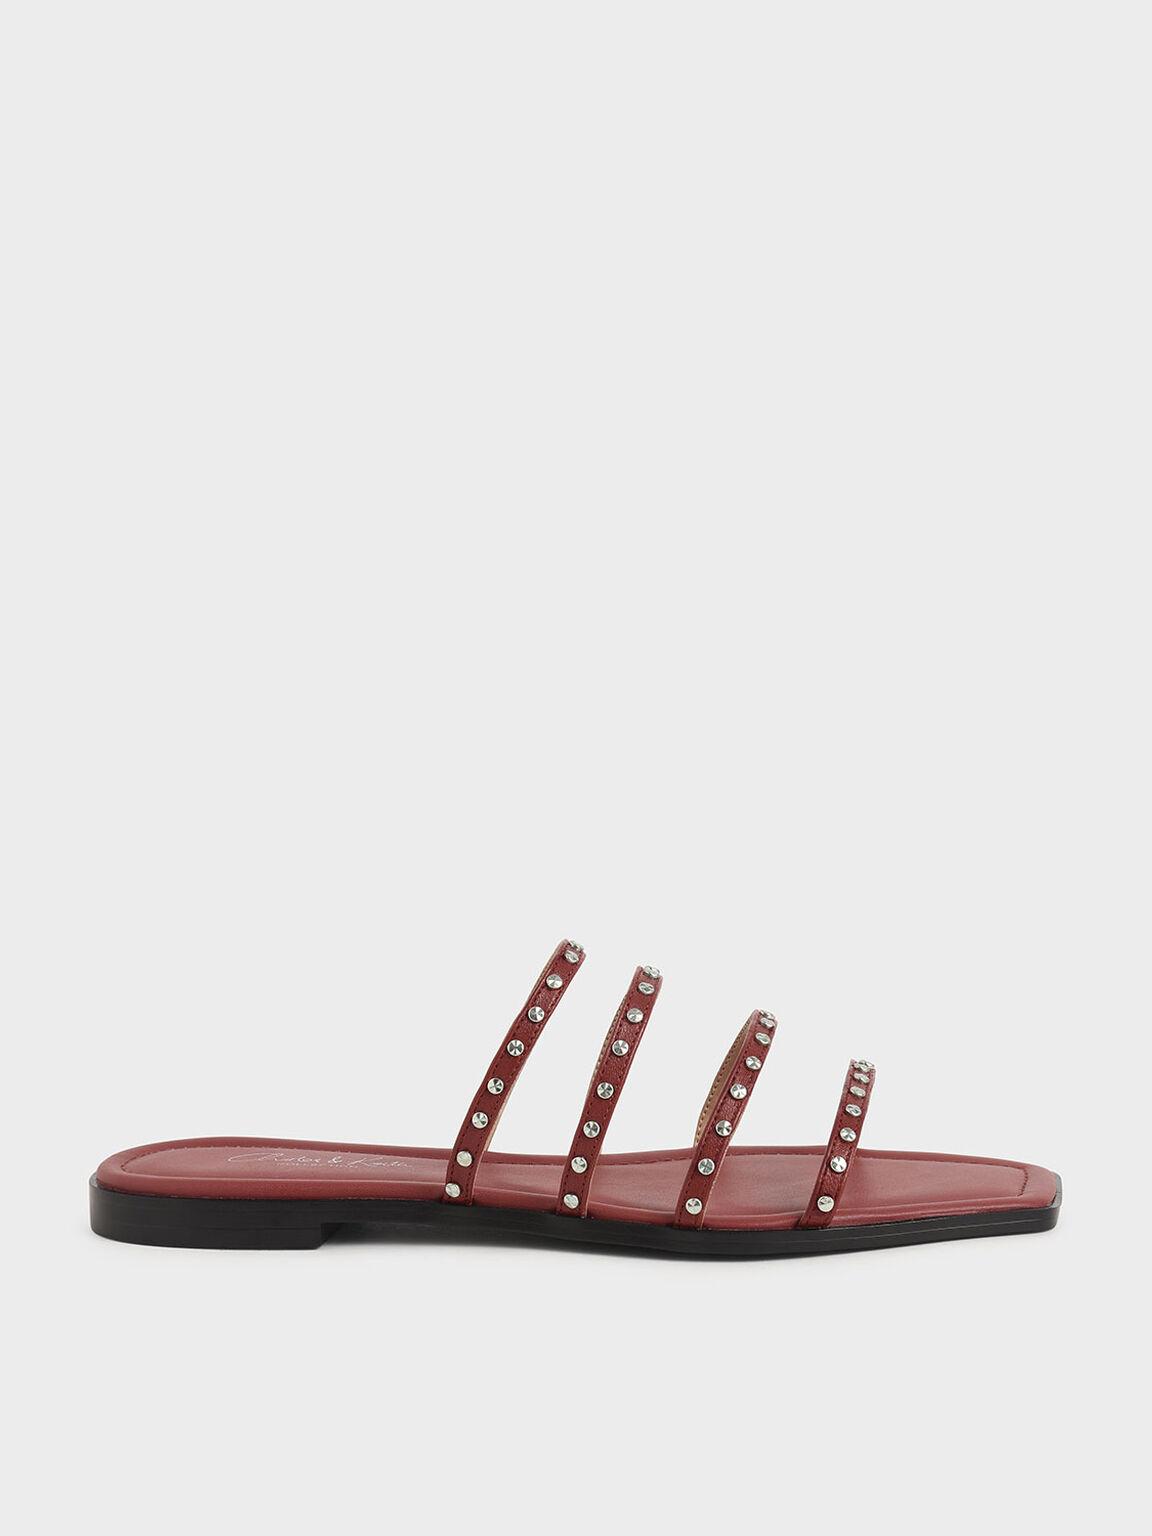 真皮寶石帶拖鞋, 磚紅色, hi-res